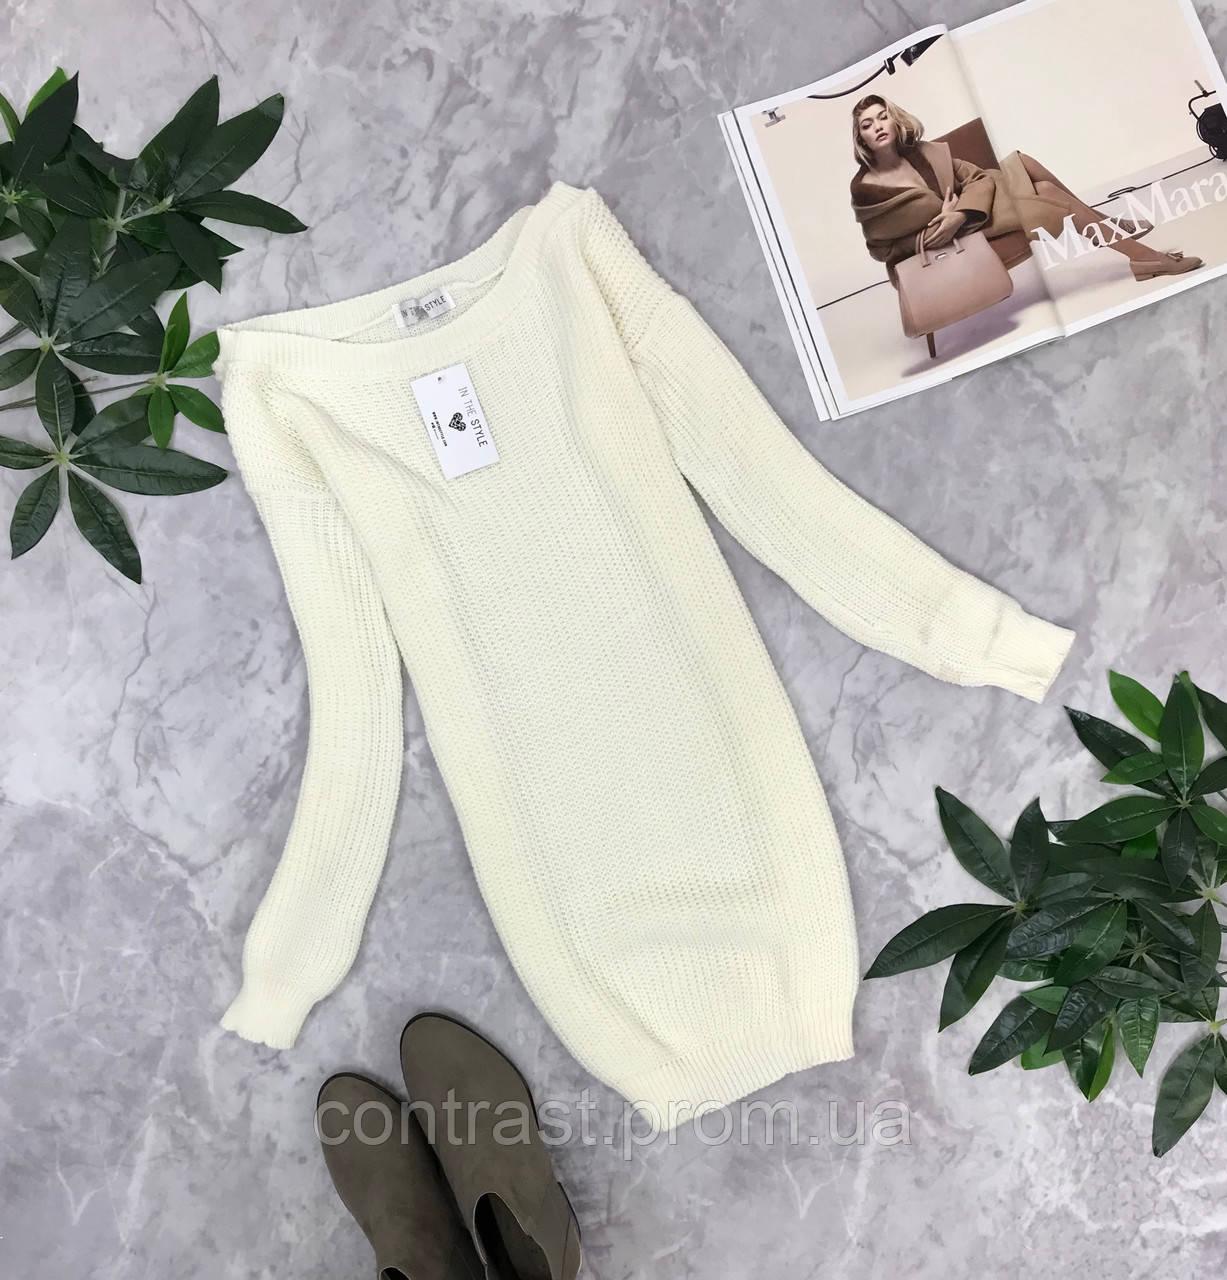 Белоснежный свитер-платье S/M  SH1843090